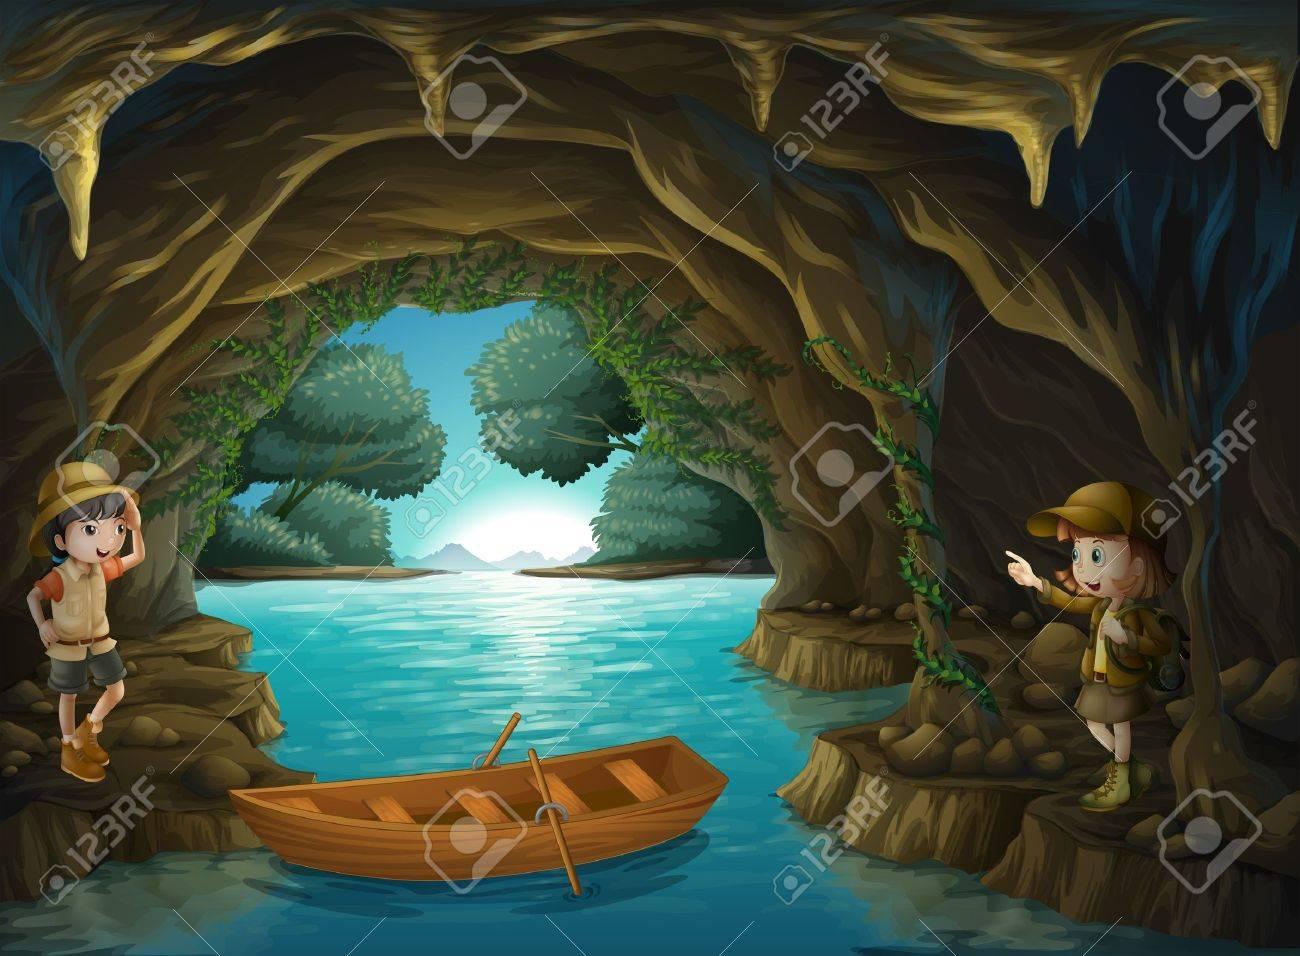 洞窟の中に若い探検家のイラストのイラスト素材ベクタ Image 18610900